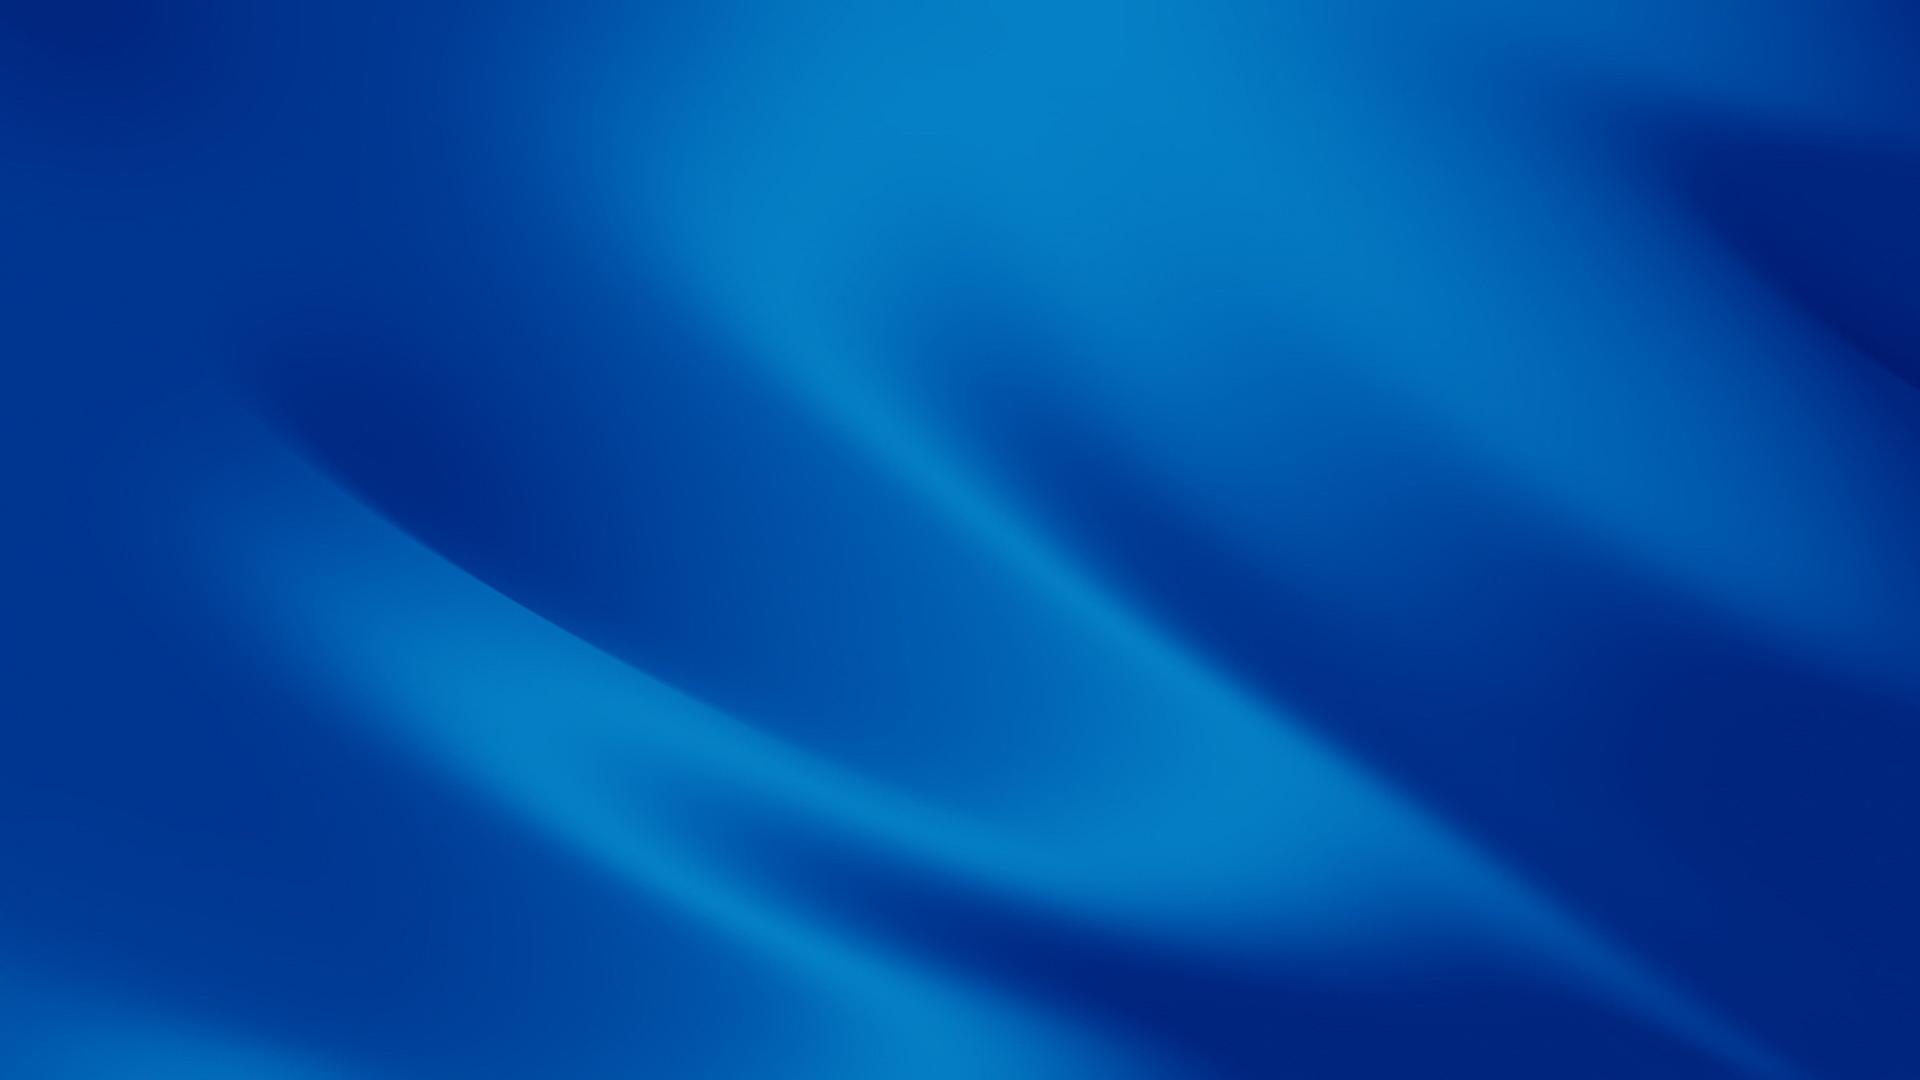 plano de fundo azul